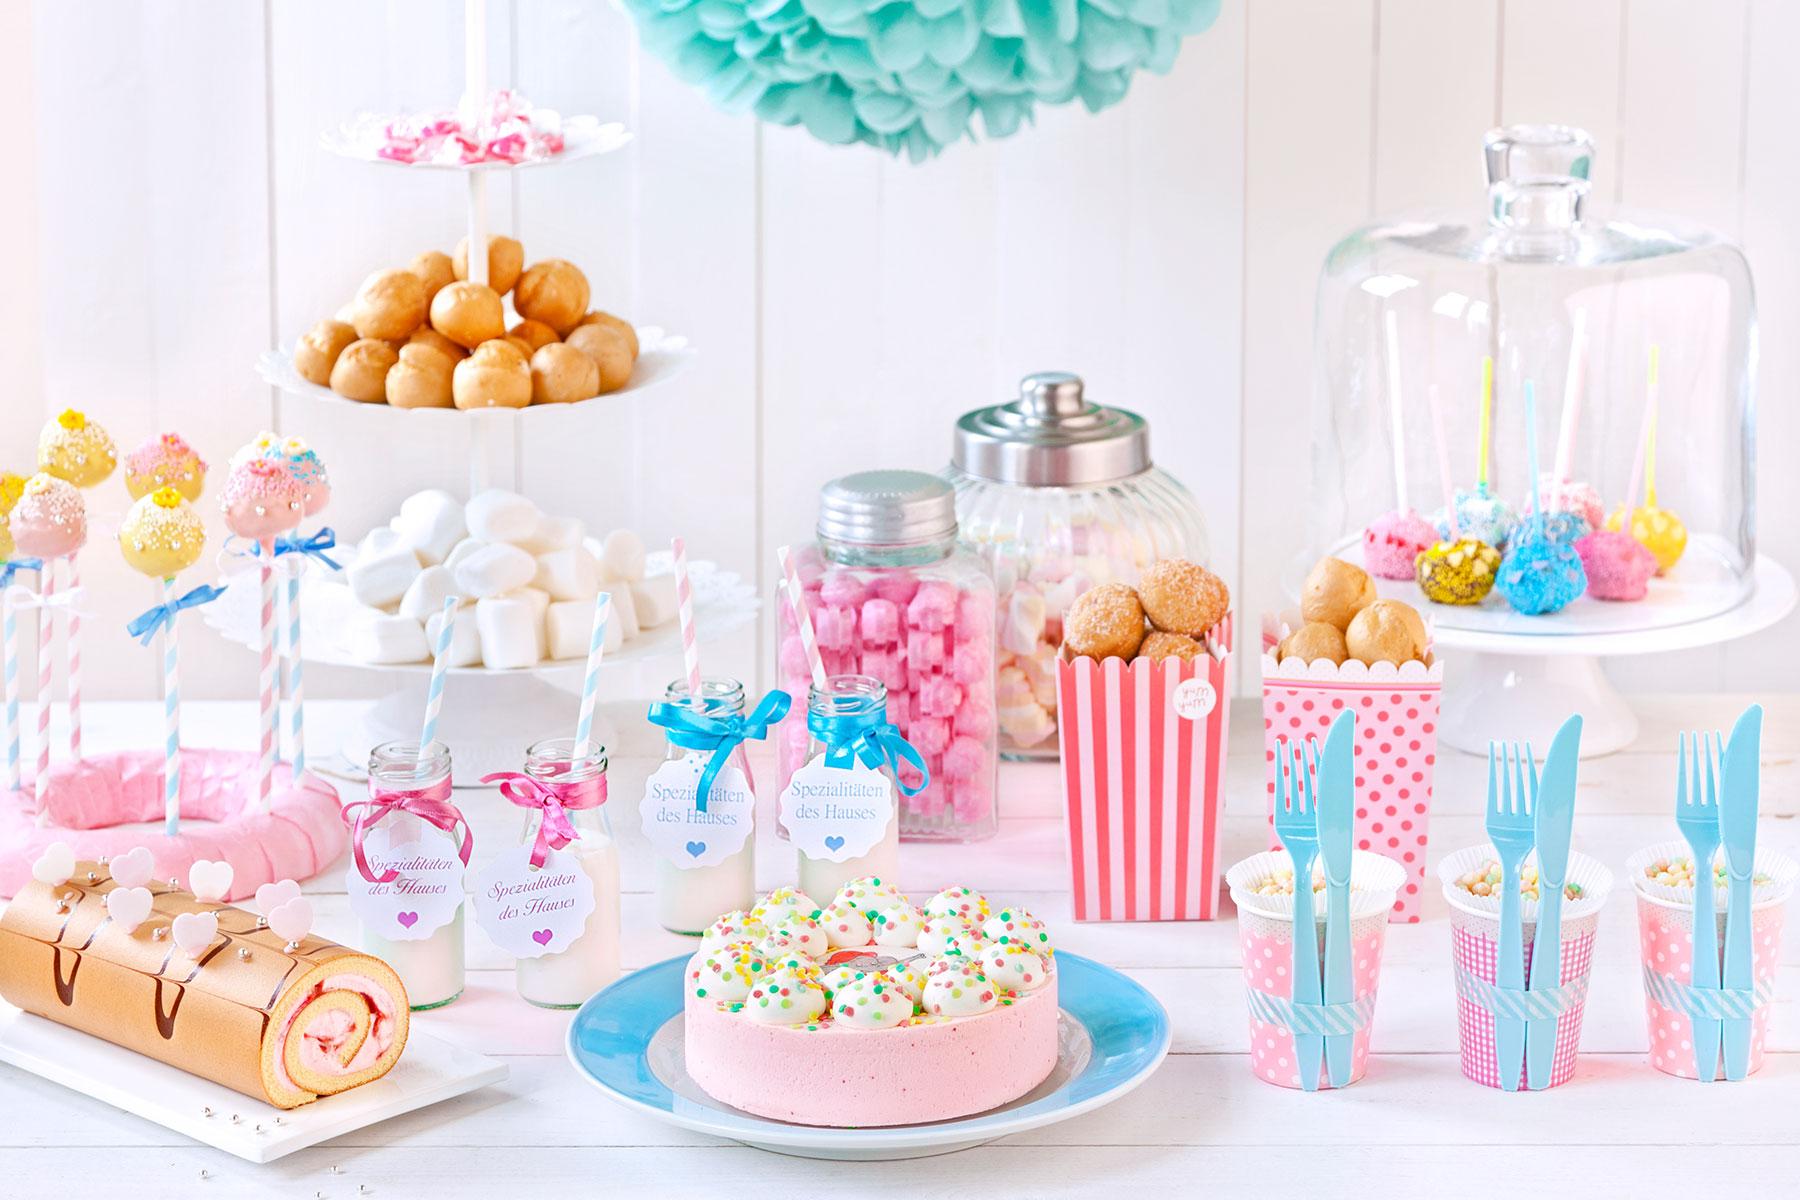 Rezepte und Anleitungen für Babyparty Kuchen und Dekoration